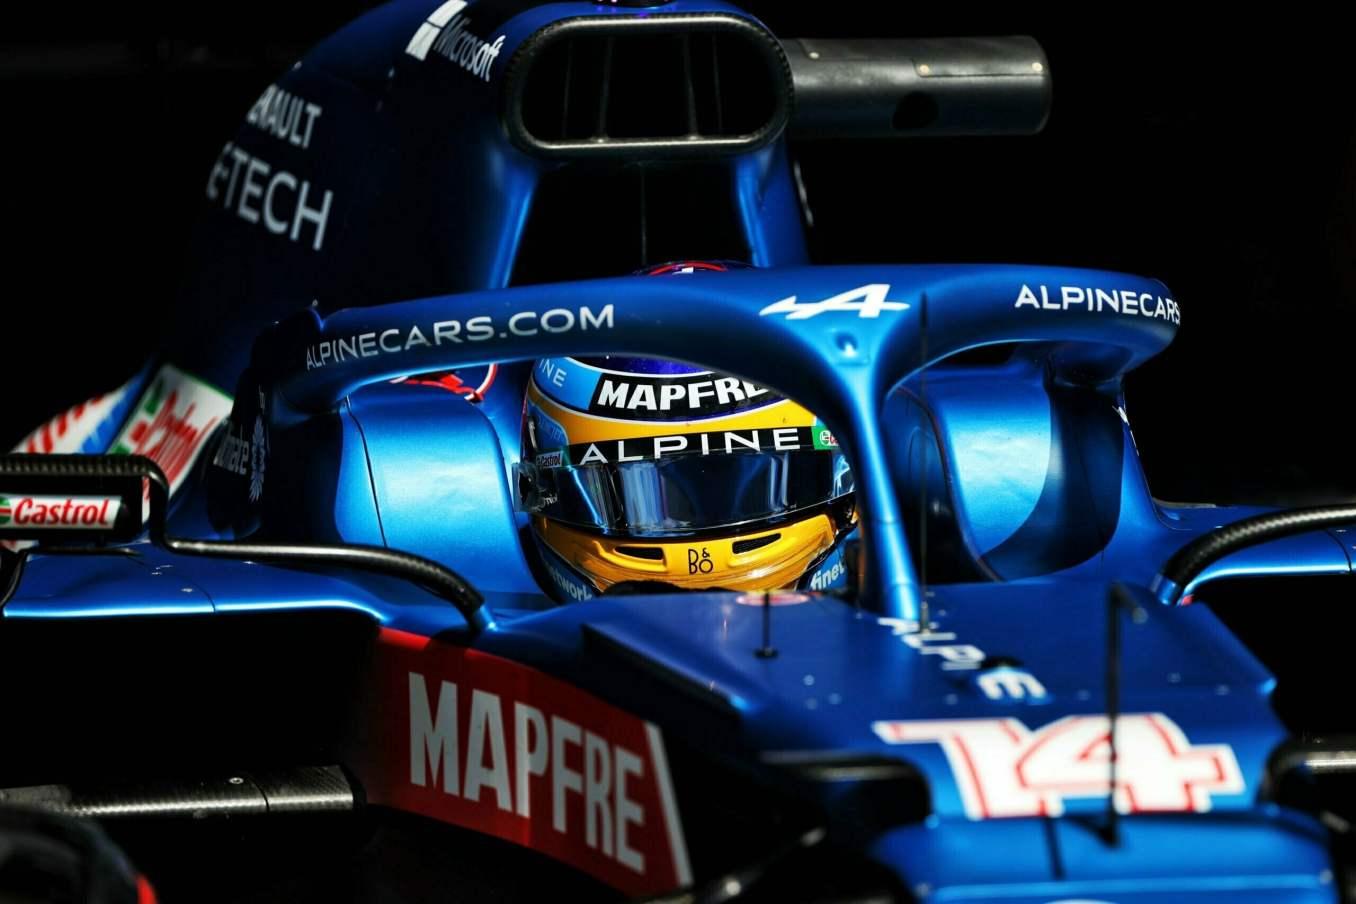 Alpine F1 Team Alonso Ocon Autriche Steiermark Grand Prix Spielberg A521 2021 24 scaled | Alpine F1 : Alonso réitère la Q3 et Ocon trébuche en Q1 à Spielberg